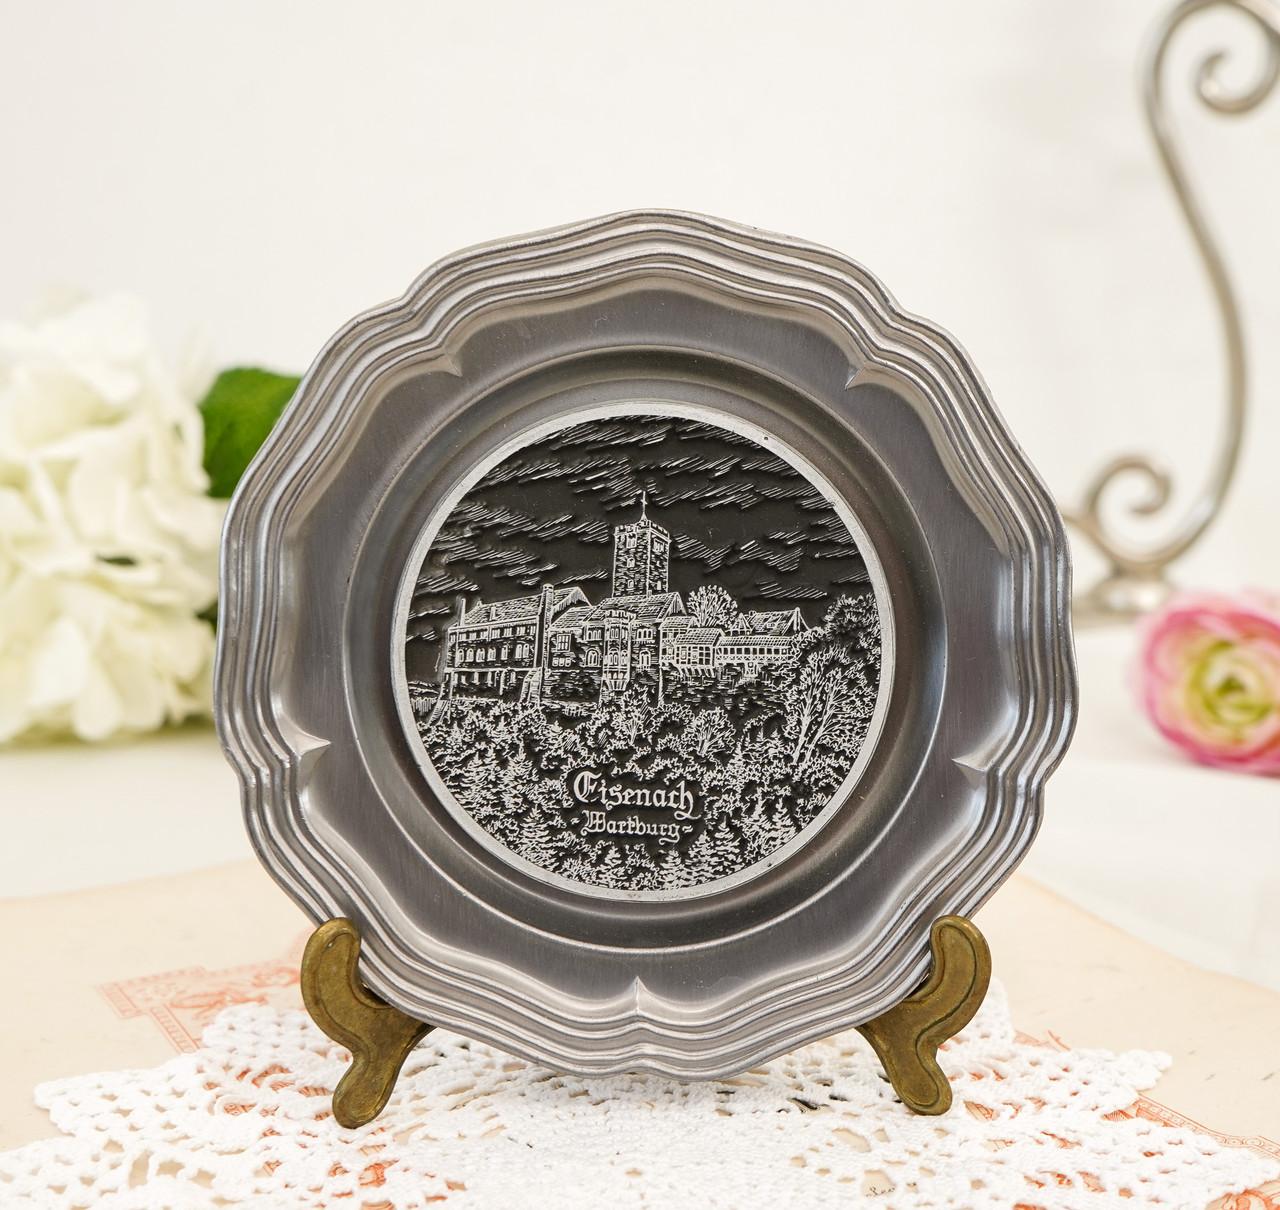 Колекційна олов'яна тарілка з зображенням Замку Ваартбурга - Wartburg, олово, Німеччина